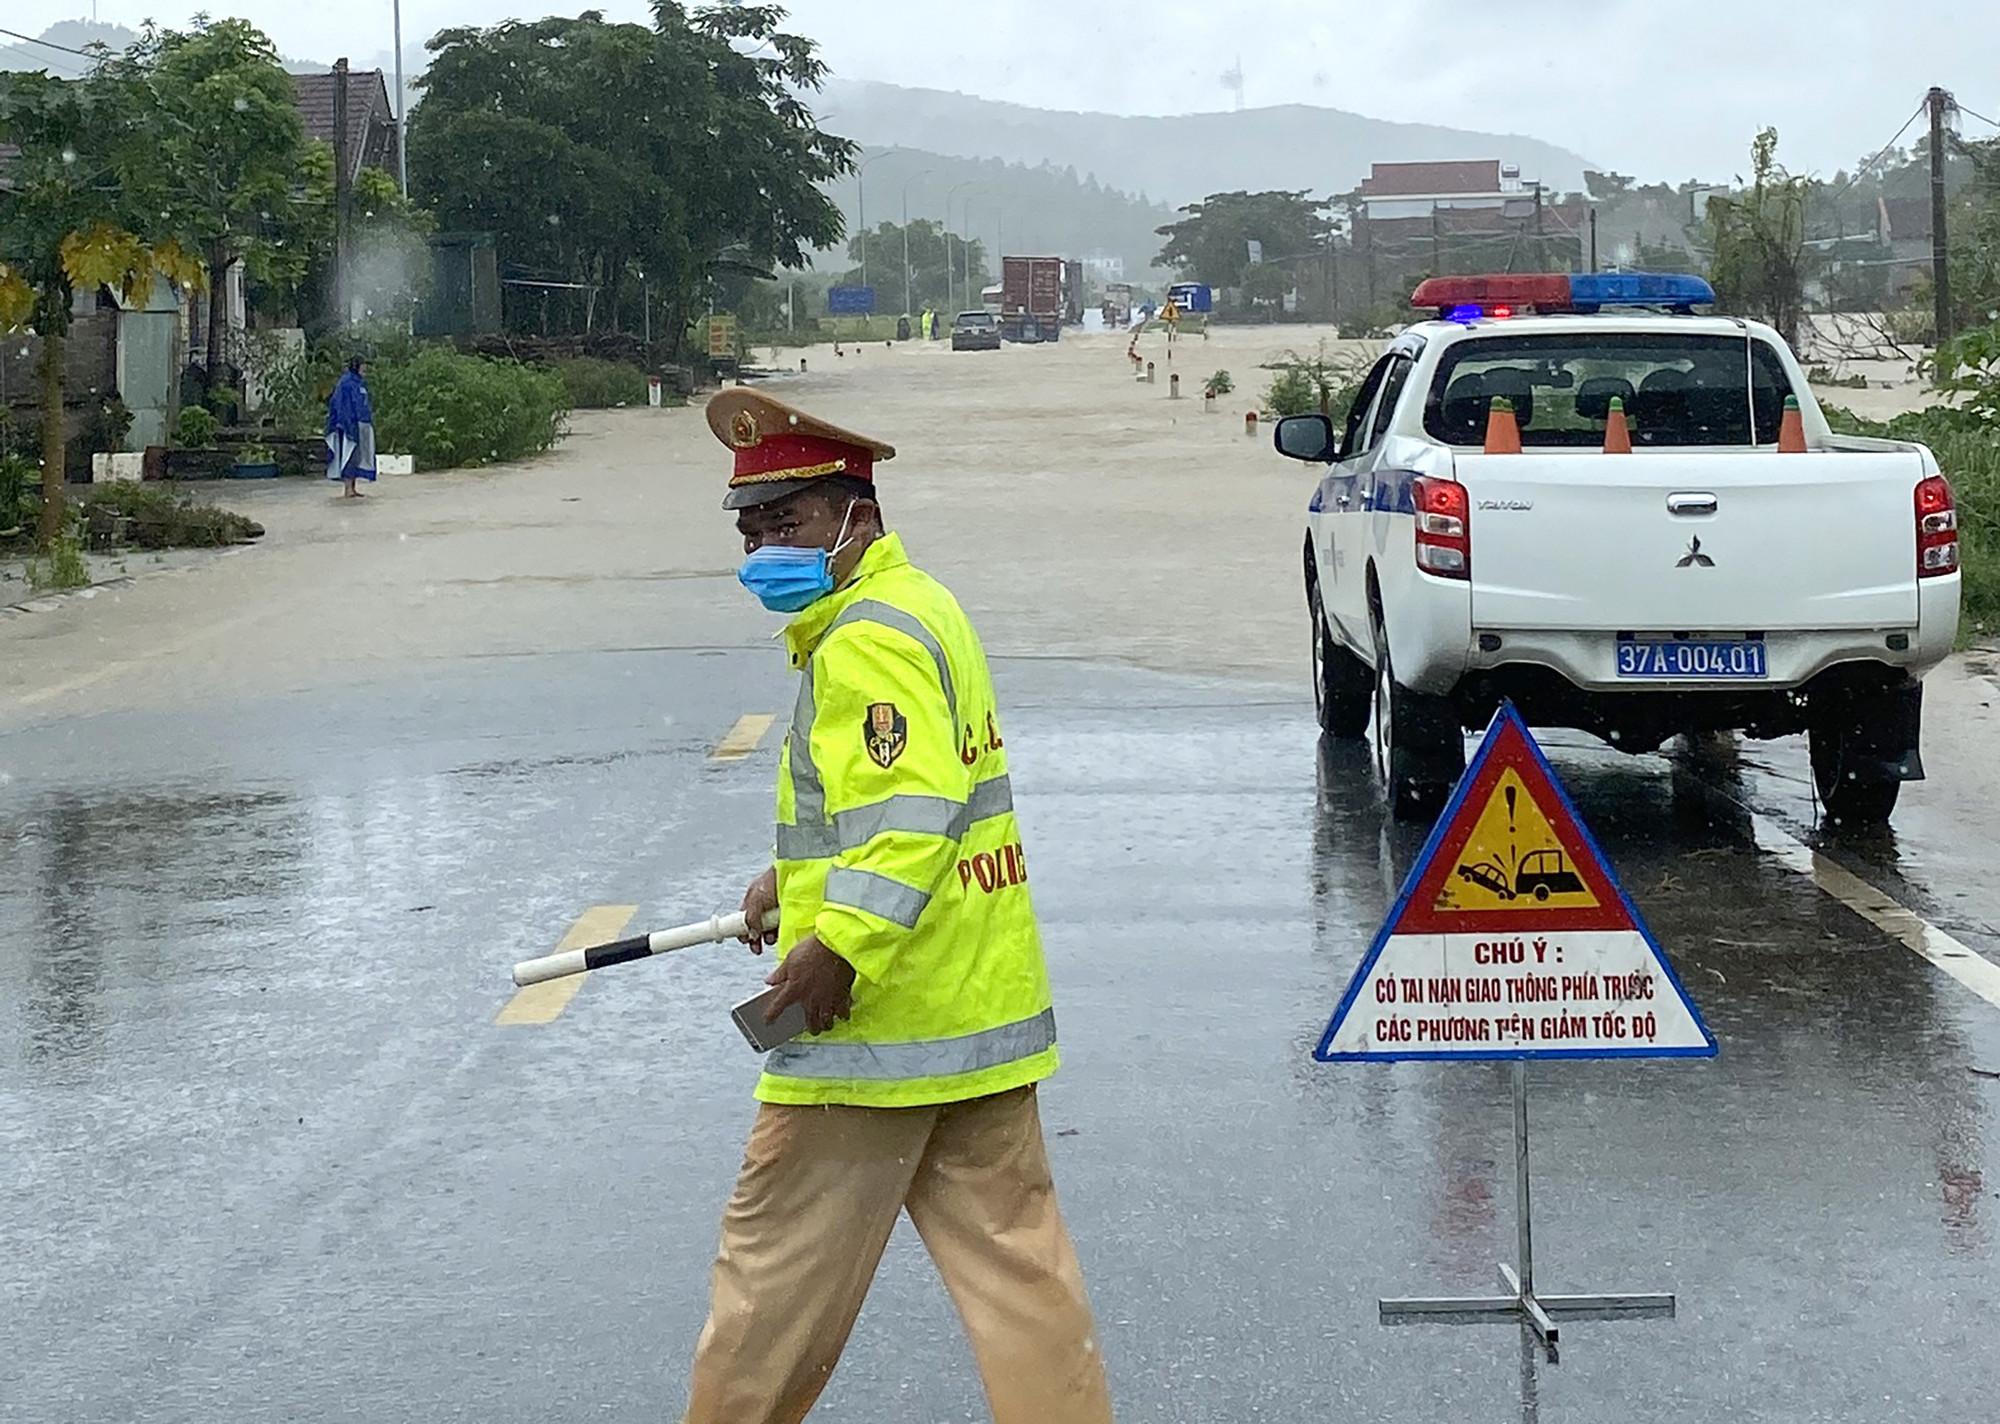 Xe máy bị cấm đi qua đoạn đường ngập